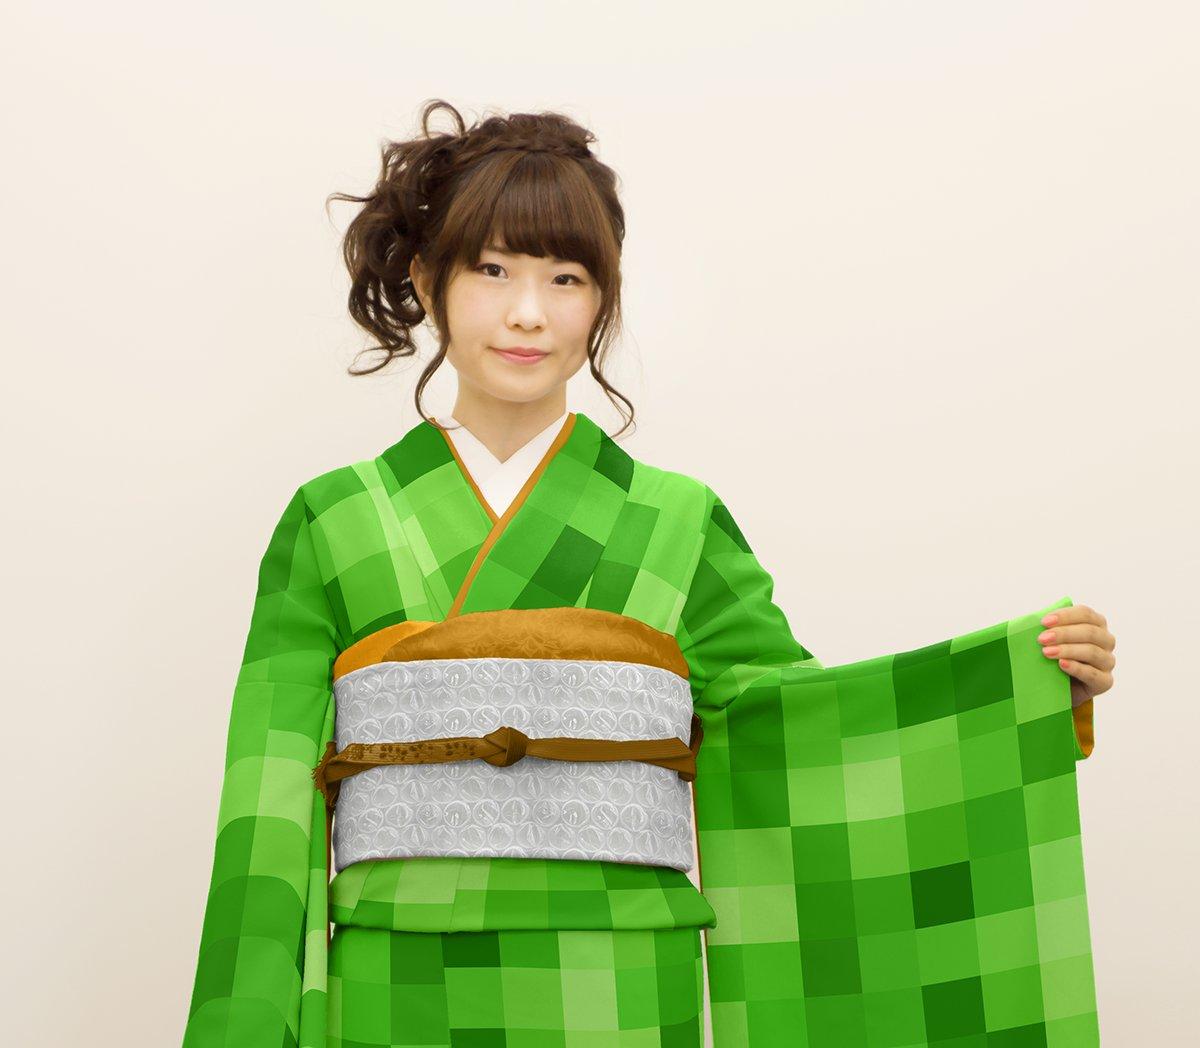 プチプチの帯とモザイク柄の着物。なんかゲームっぽくなった。 浴衣にしてもかわいいとおもいます。モザイク気に入ったので色違いも作ってみます。 https://t.co/mmKmXCVyGV